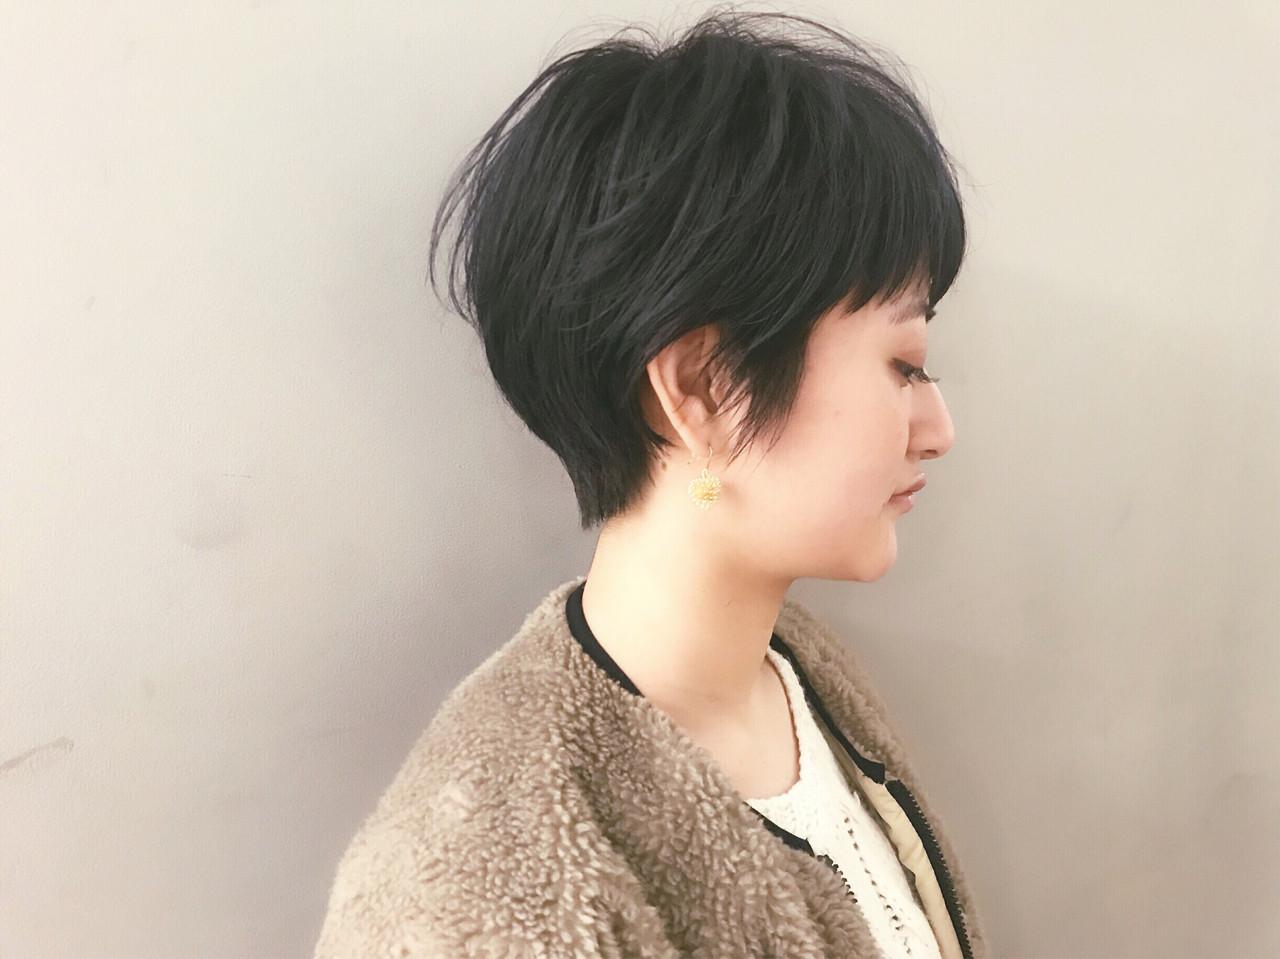 ナチュラル 黒髪 ショート ショートボブ ヘアスタイルや髪型の写真・画像